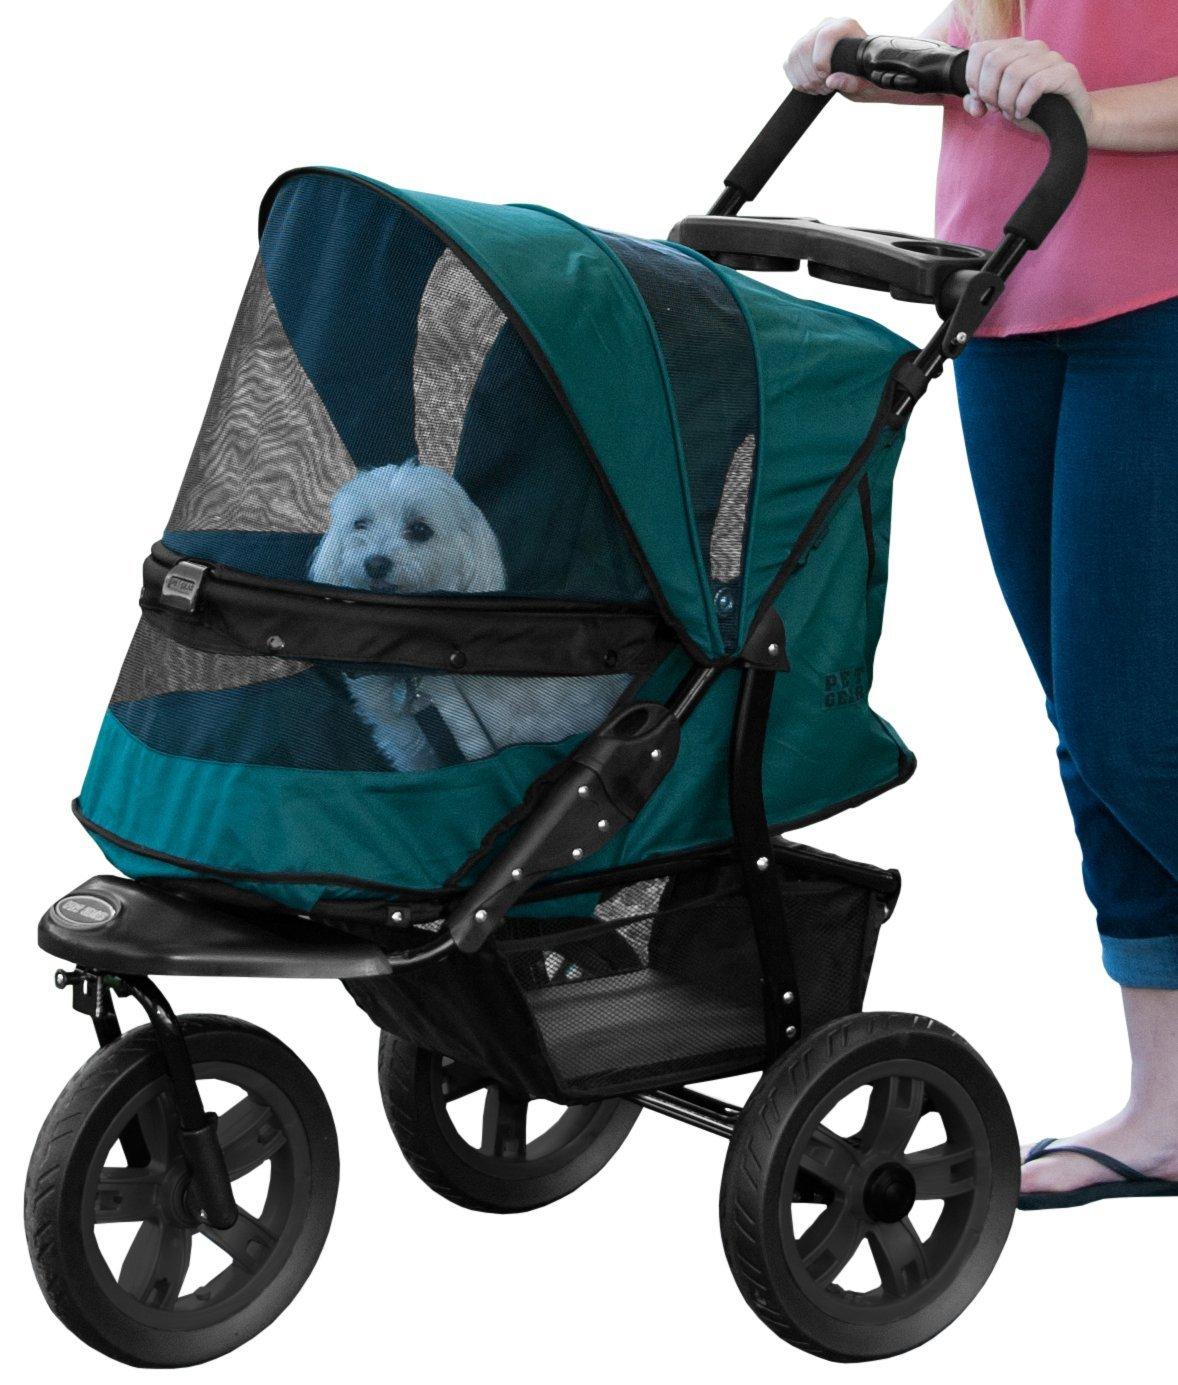 Pet Gear No-Zip AT3 Pet Stroller, Zipperless Entry, Forest Green